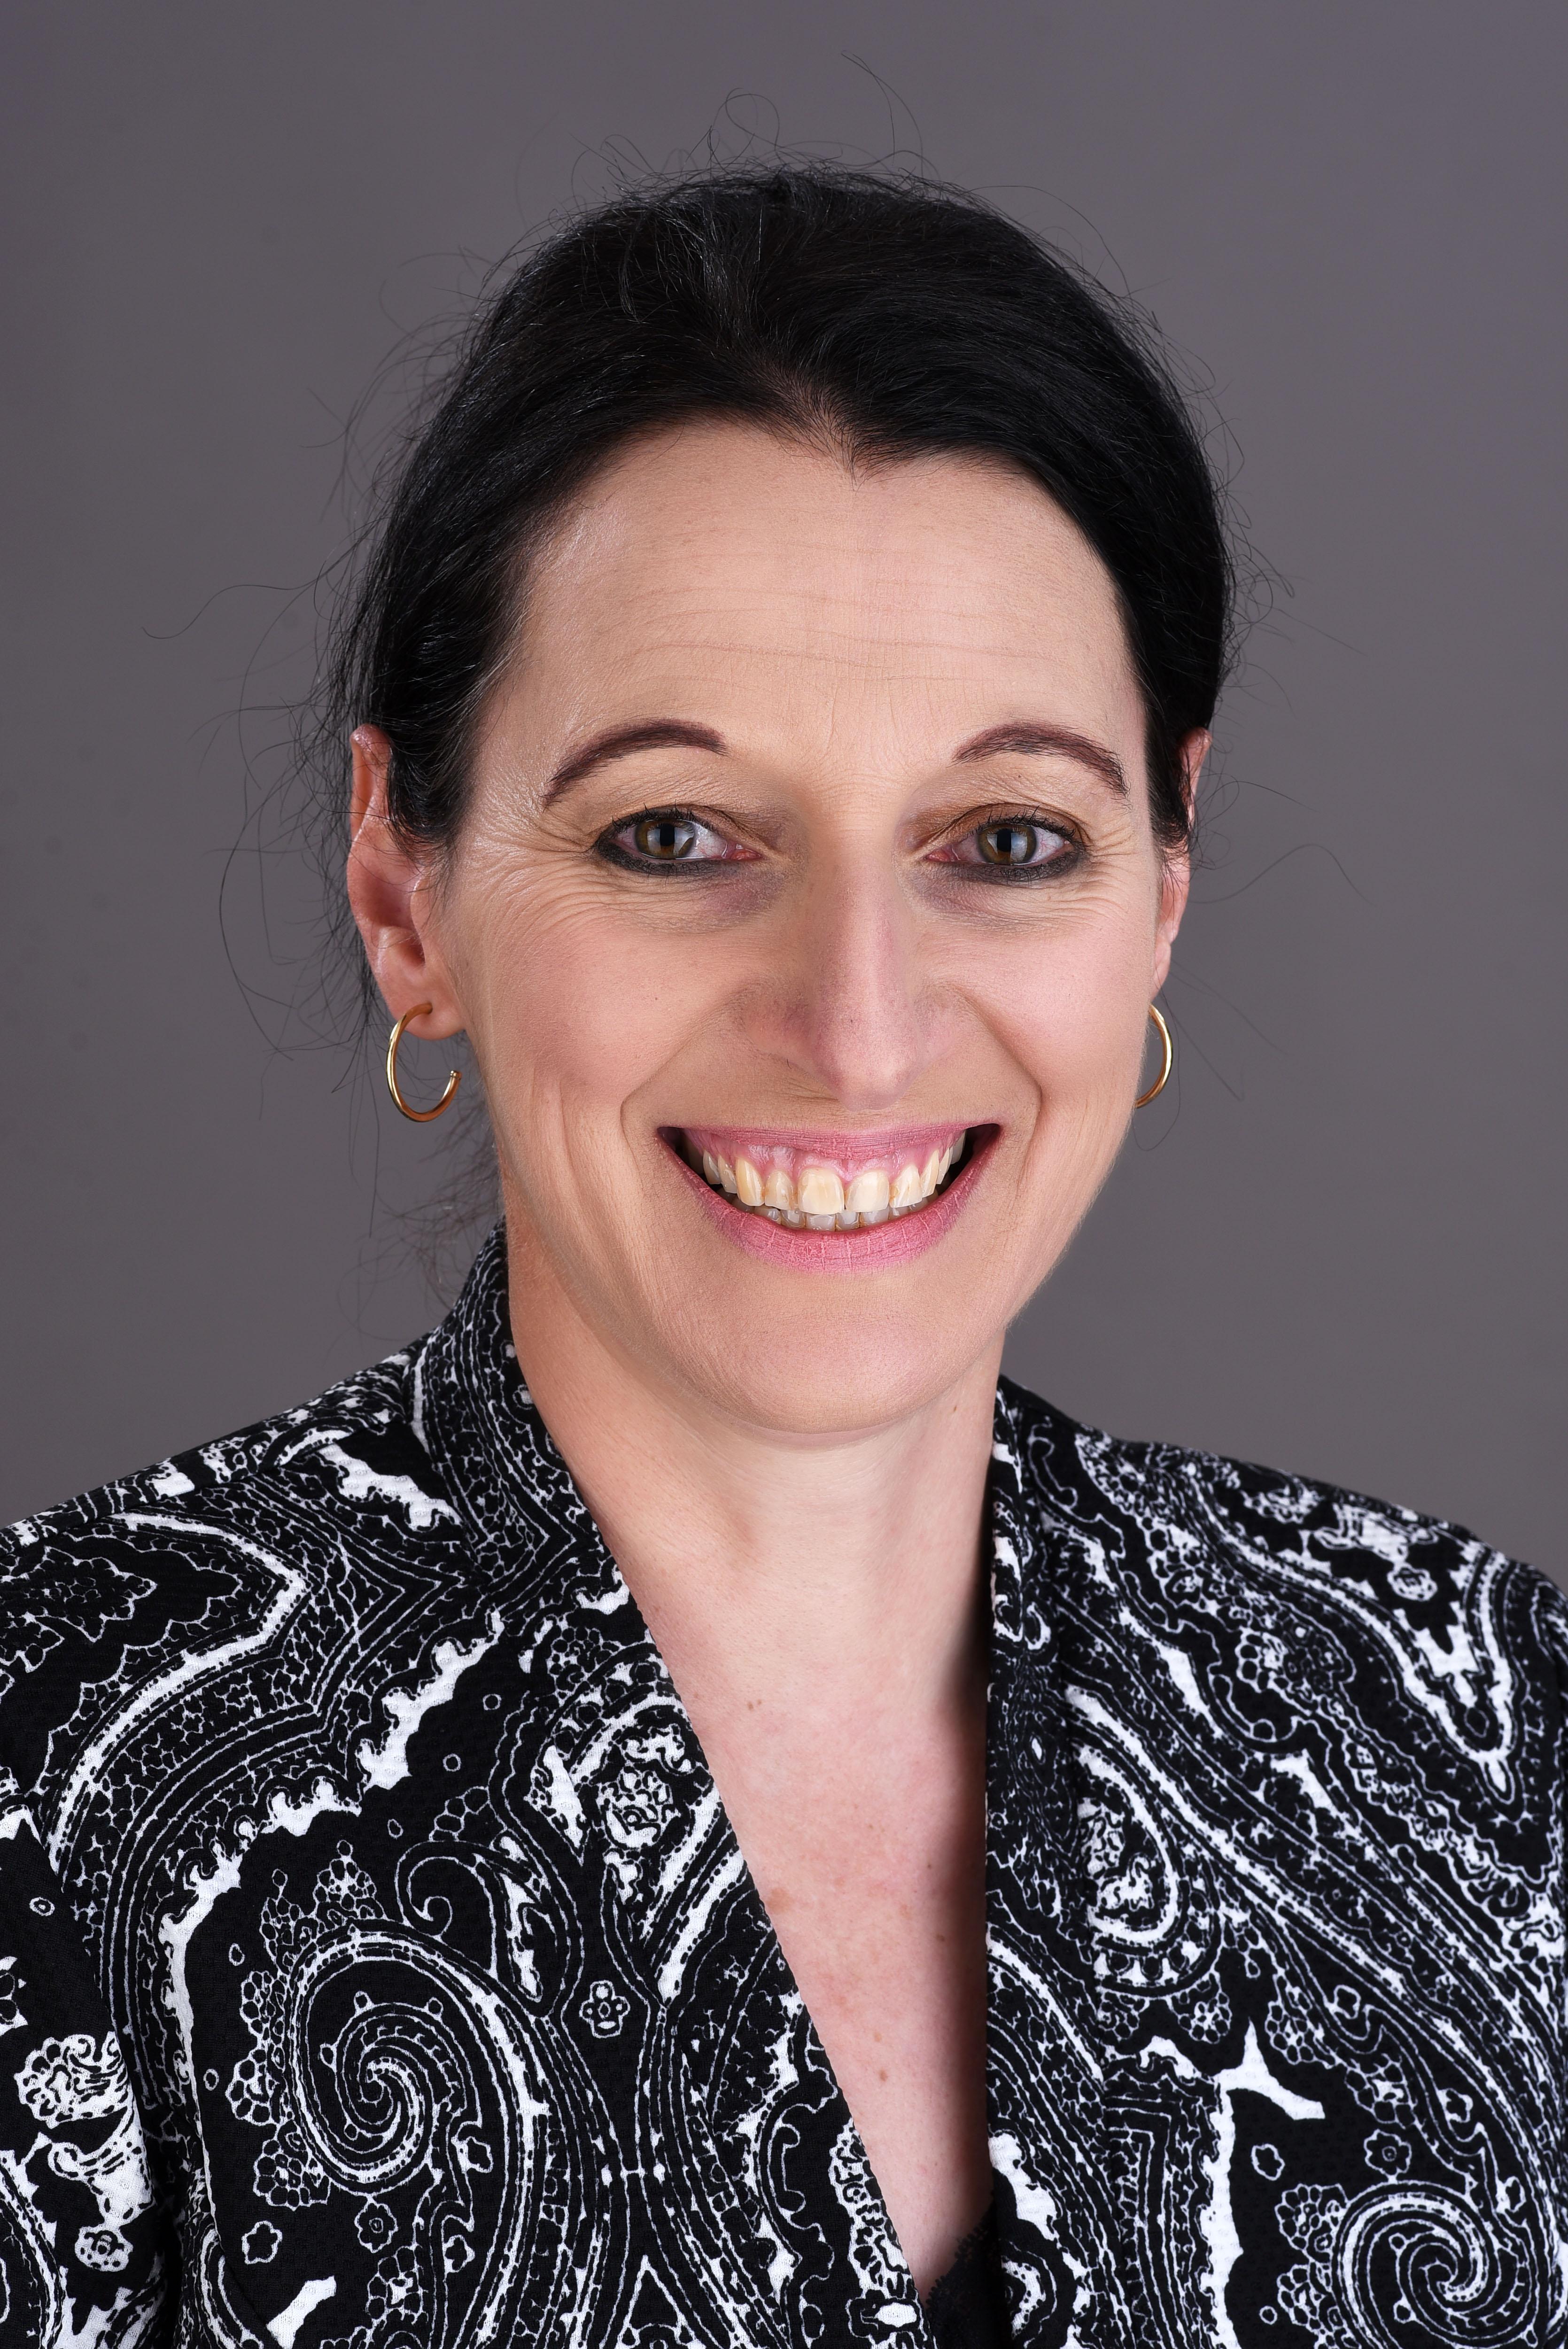 Marlene Oosthuizen